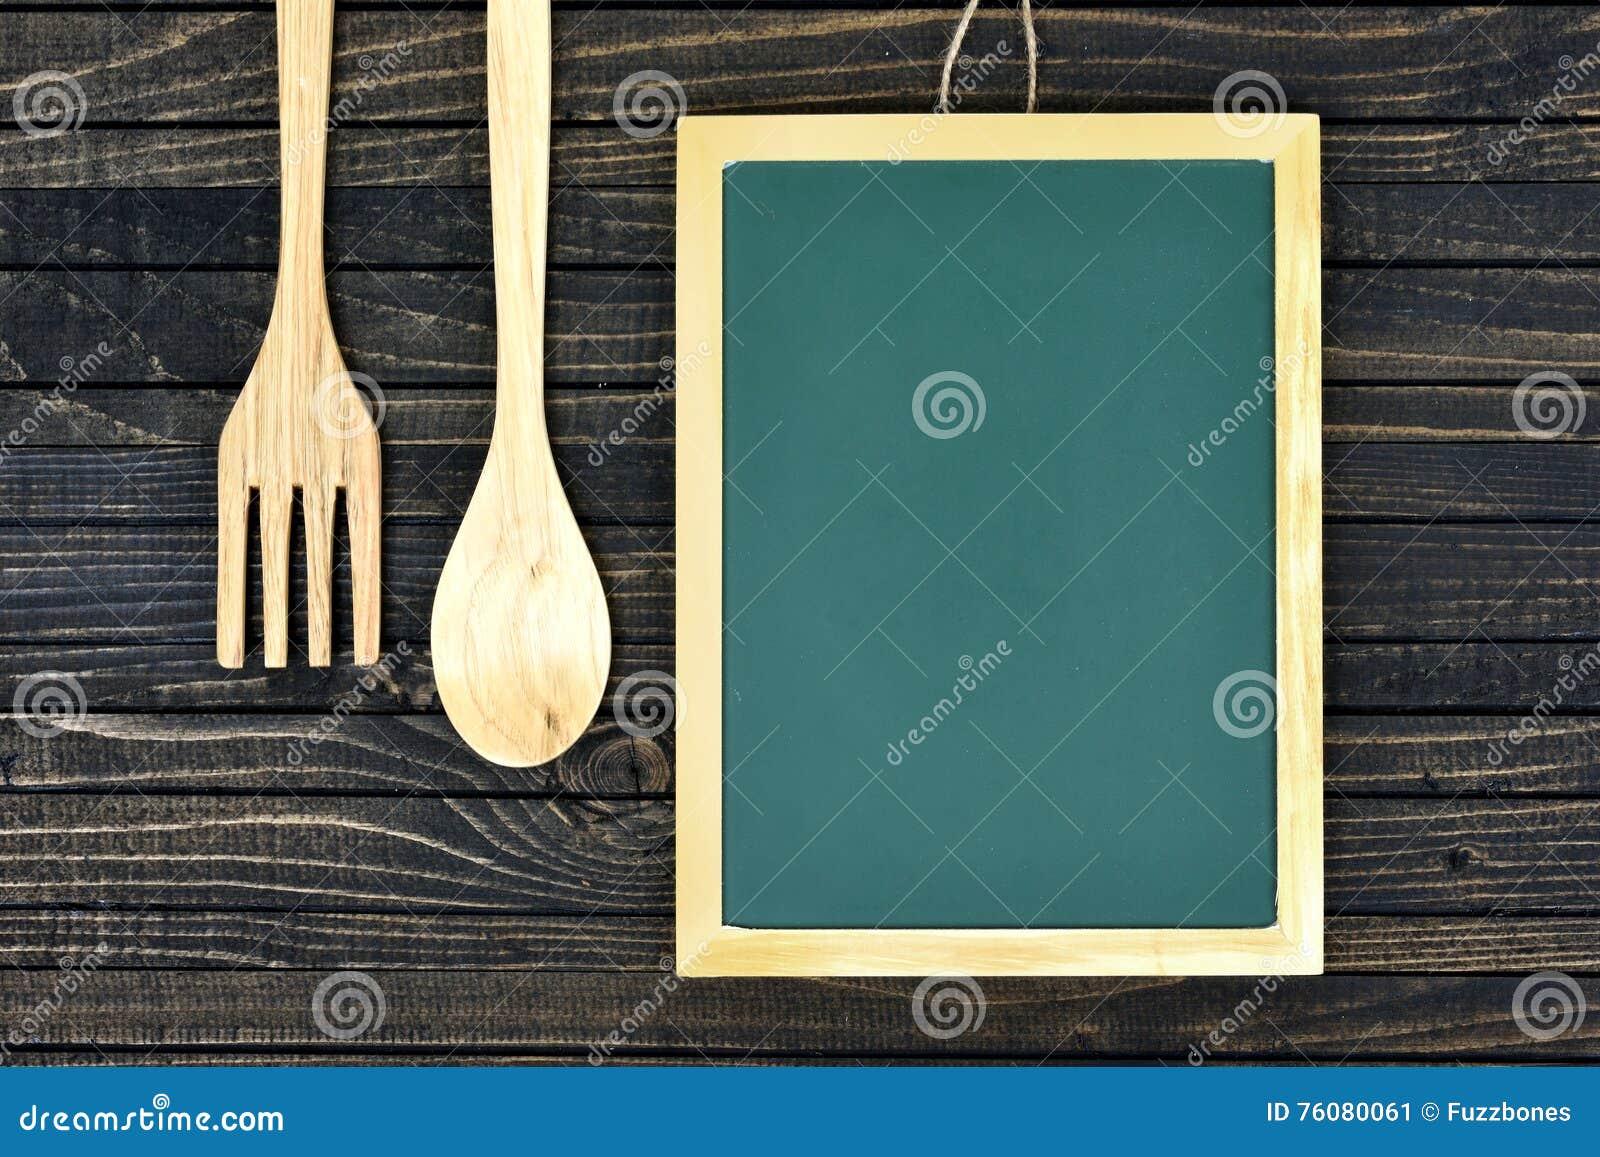 Fourchette et cuillère sur la table